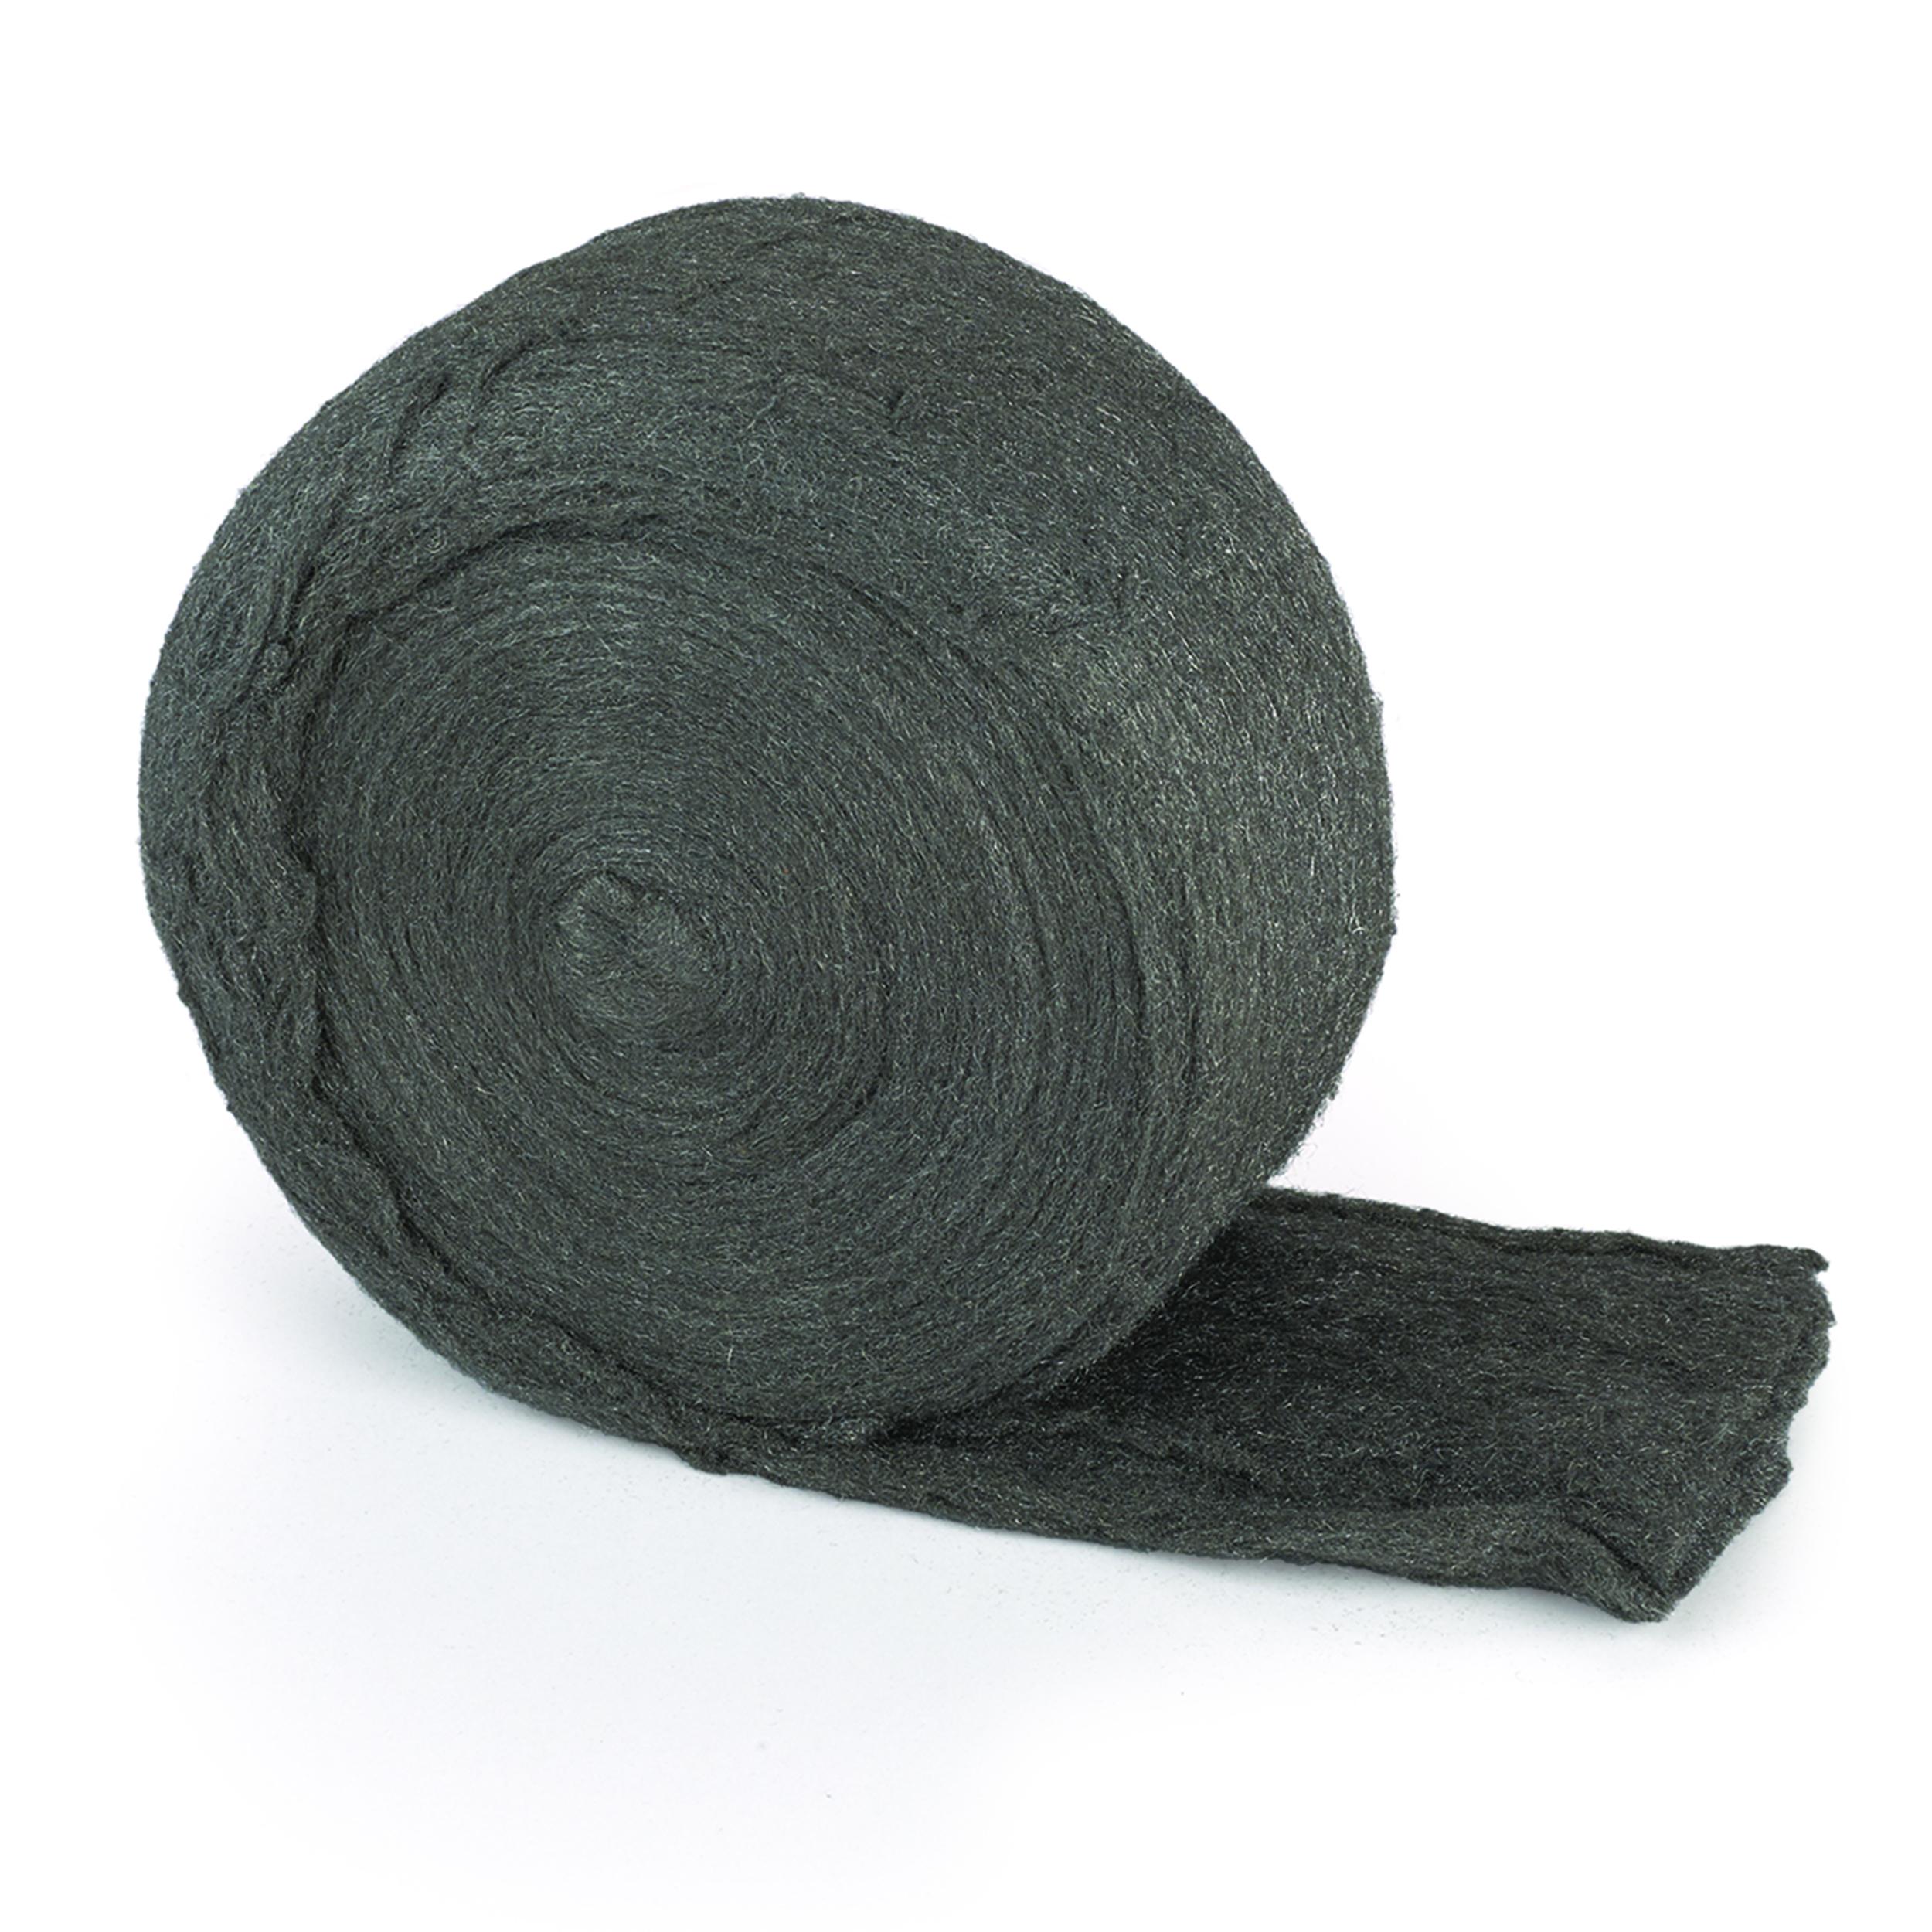 Oil Free Steel Wool 0000 225 gram Roll